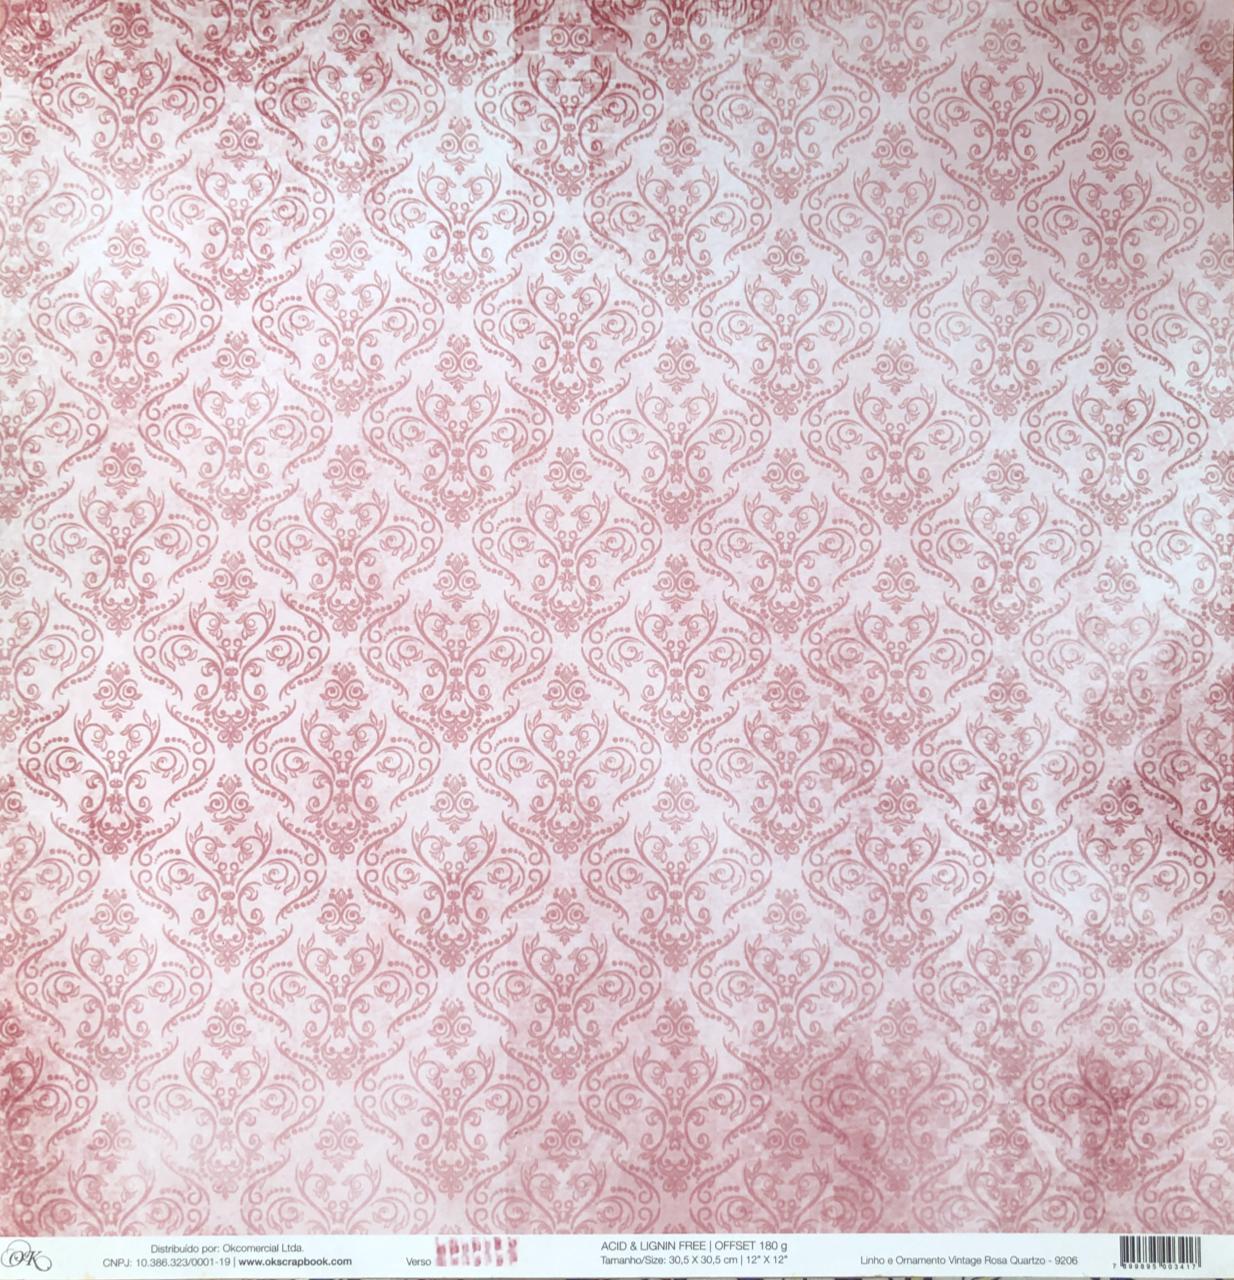 9206 - Papel Scrap - Linho e Ornamento Vintage Rosa Quartzo - Ok Scrapbook